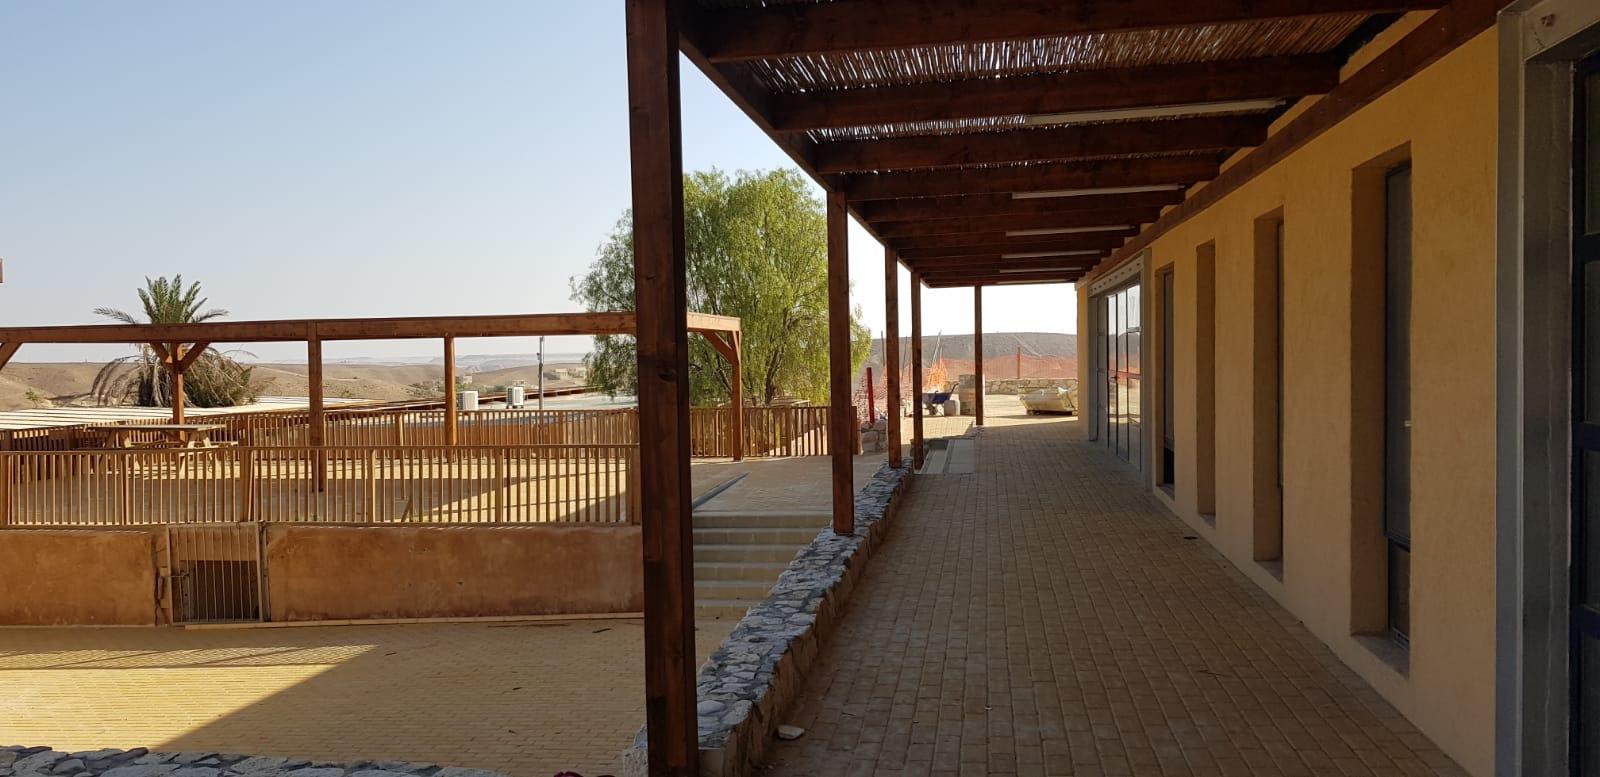 שיקום ופיתוח כפר האומנים צוקים תמונה 1